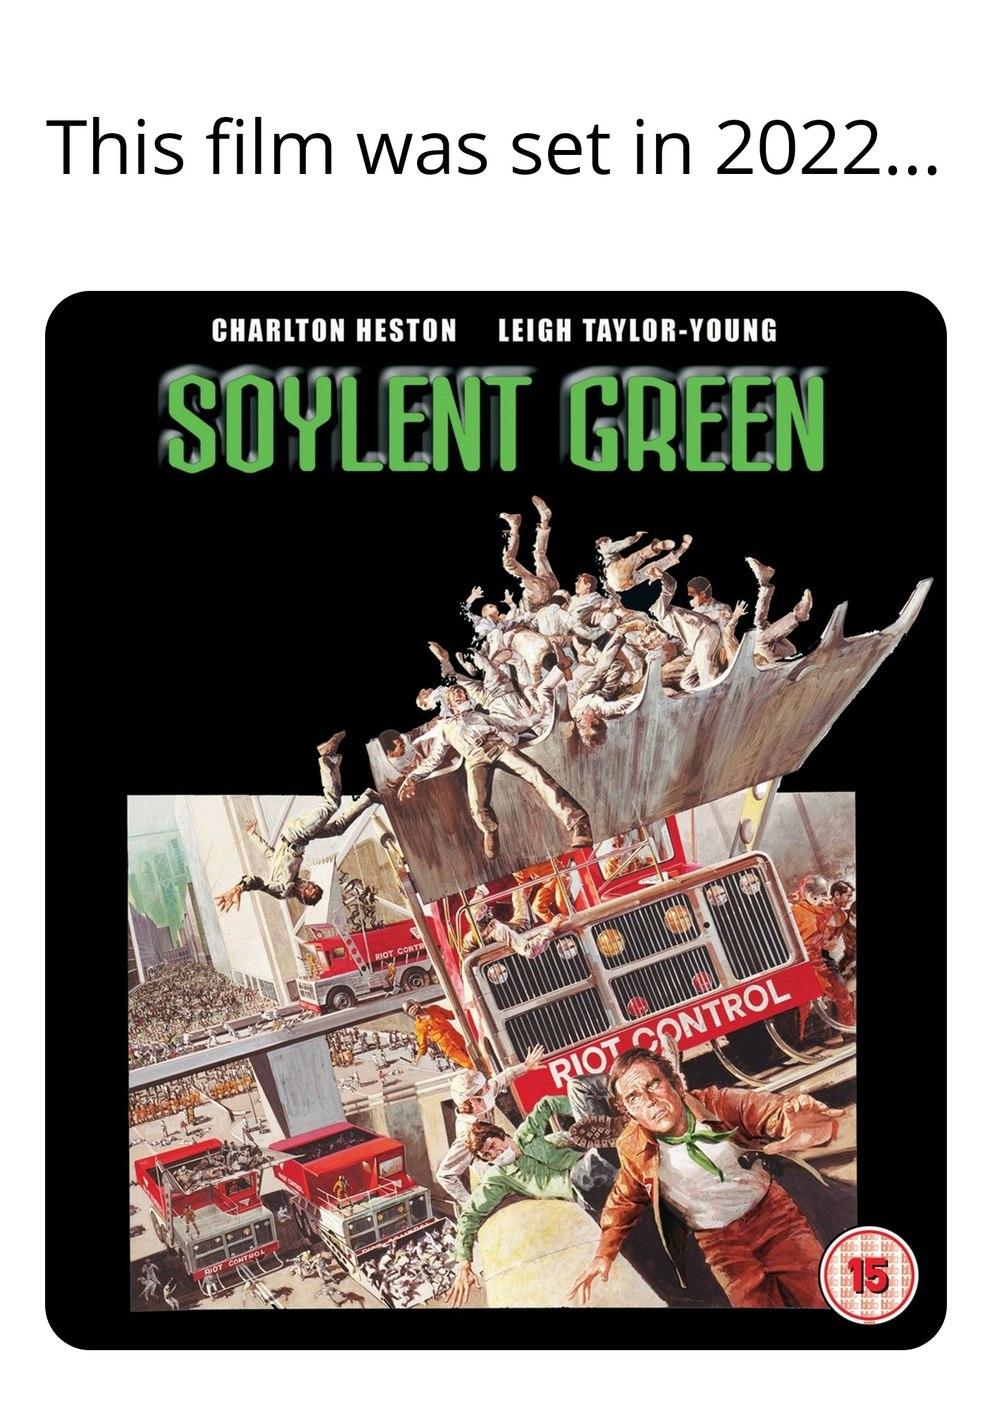 Soylent Green 2022 - meme